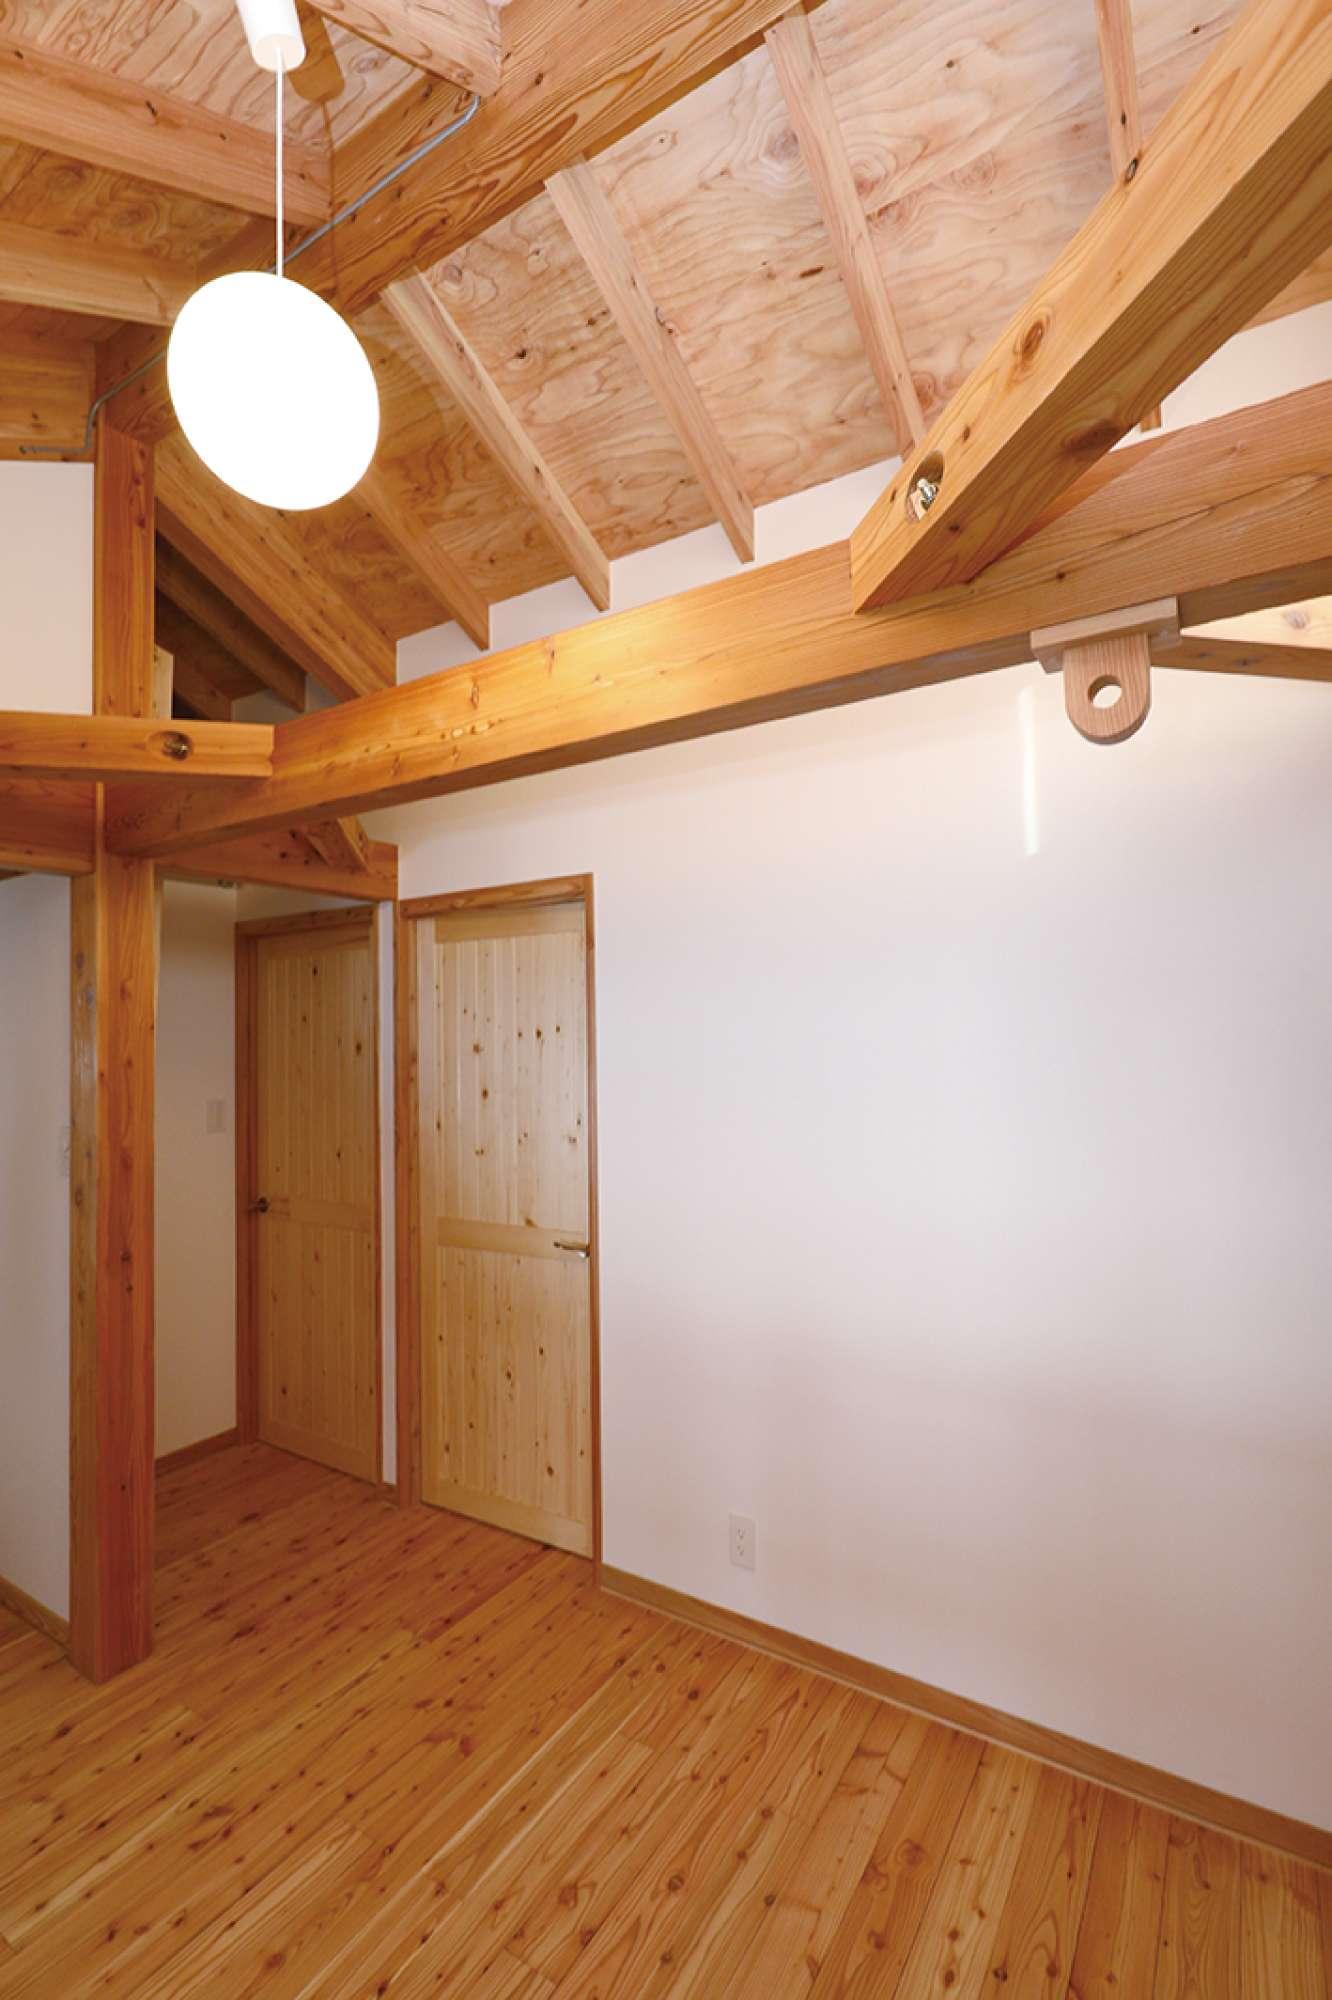 2階ホールの梁にも木目が美しい無垢材を使用 -  -  -